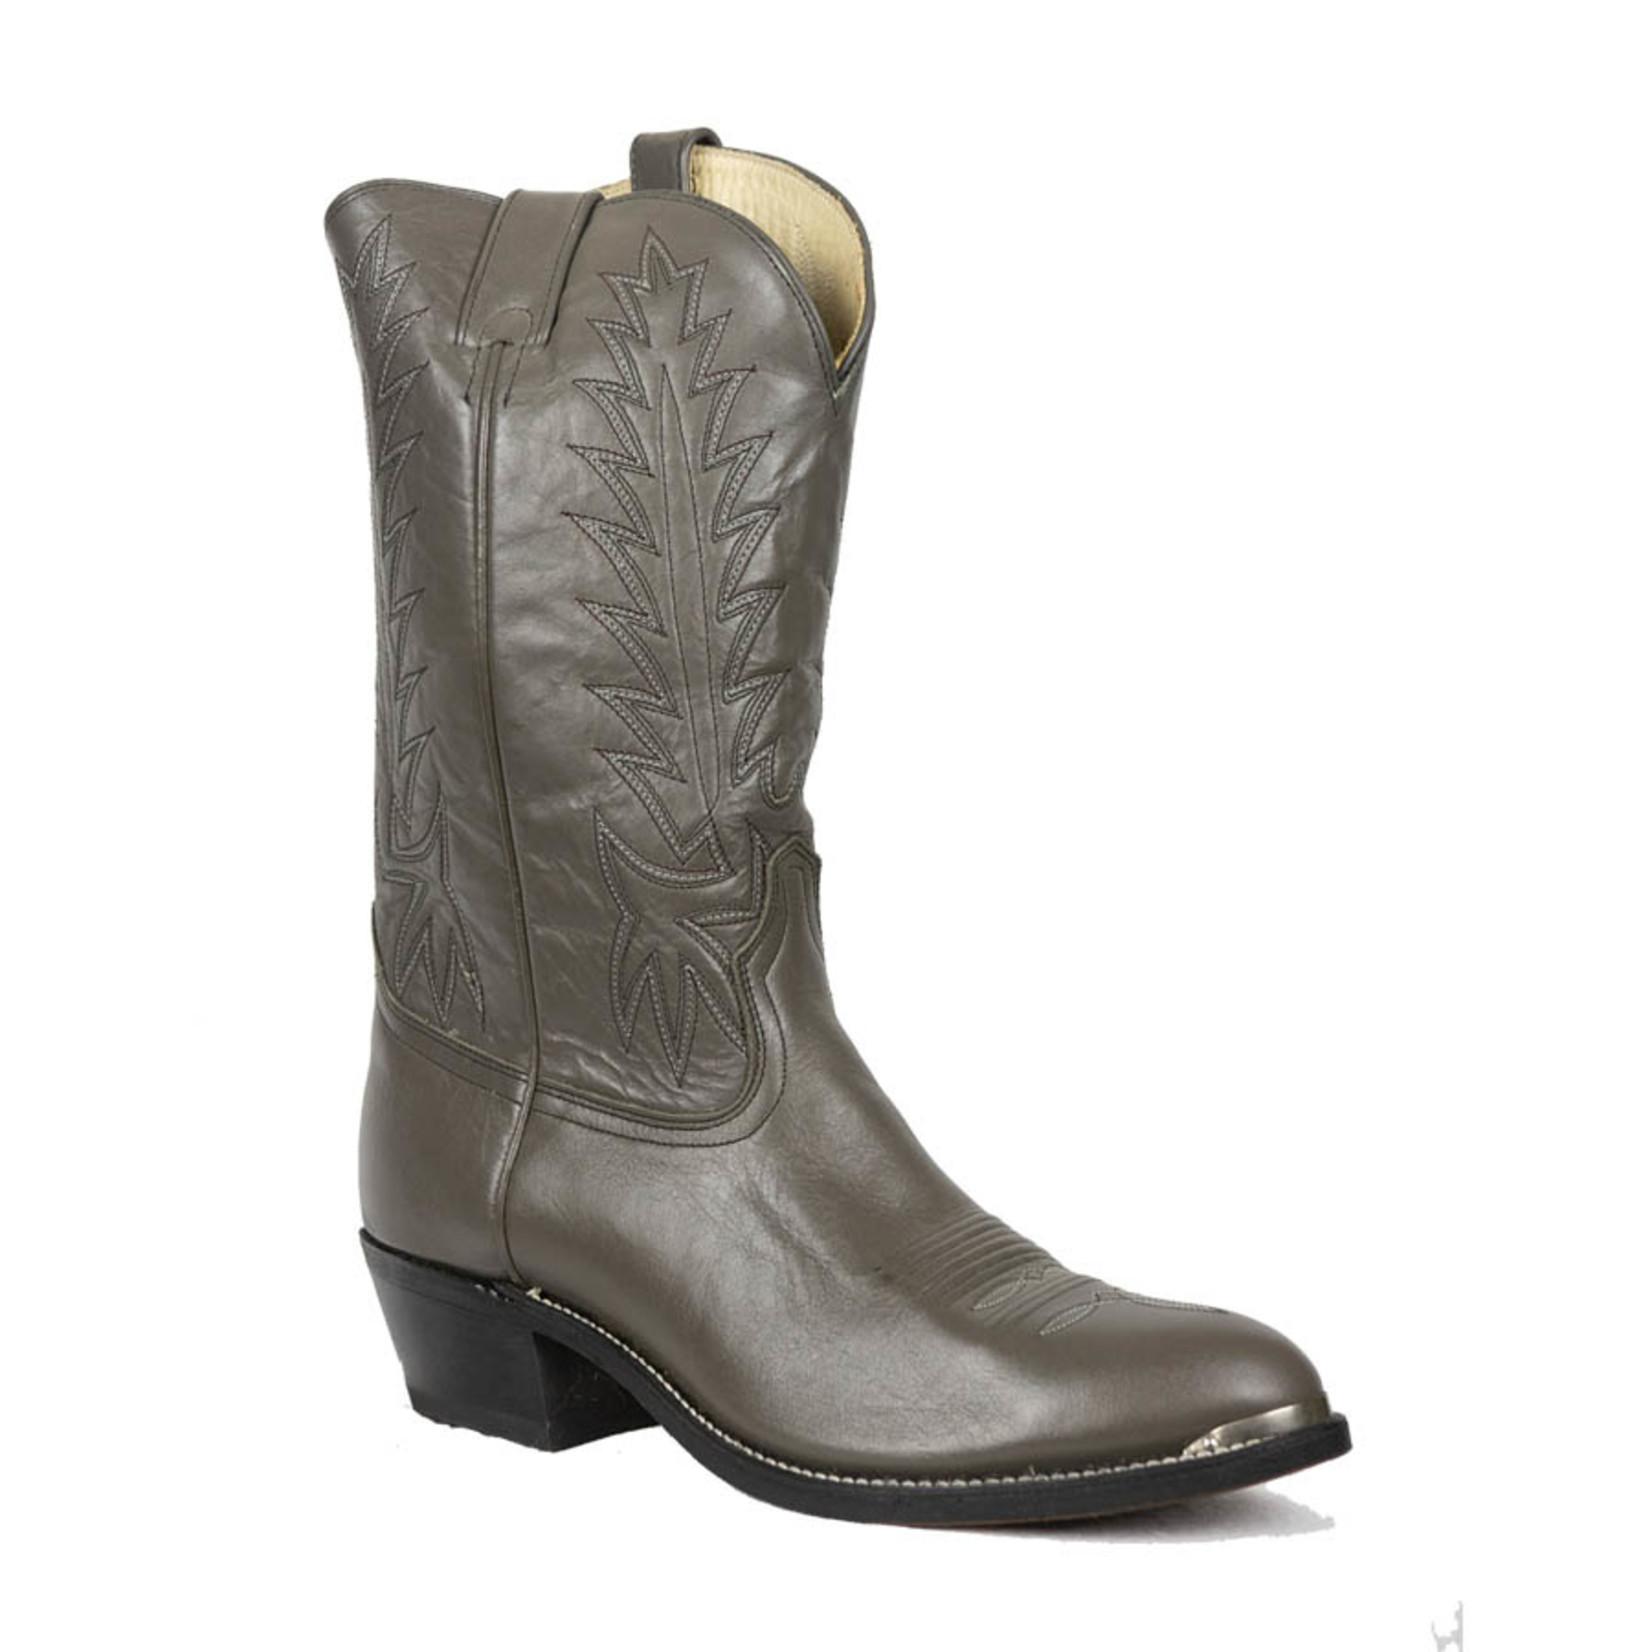 Canada West Bullrider Men's Cowboy Boot 60171 E